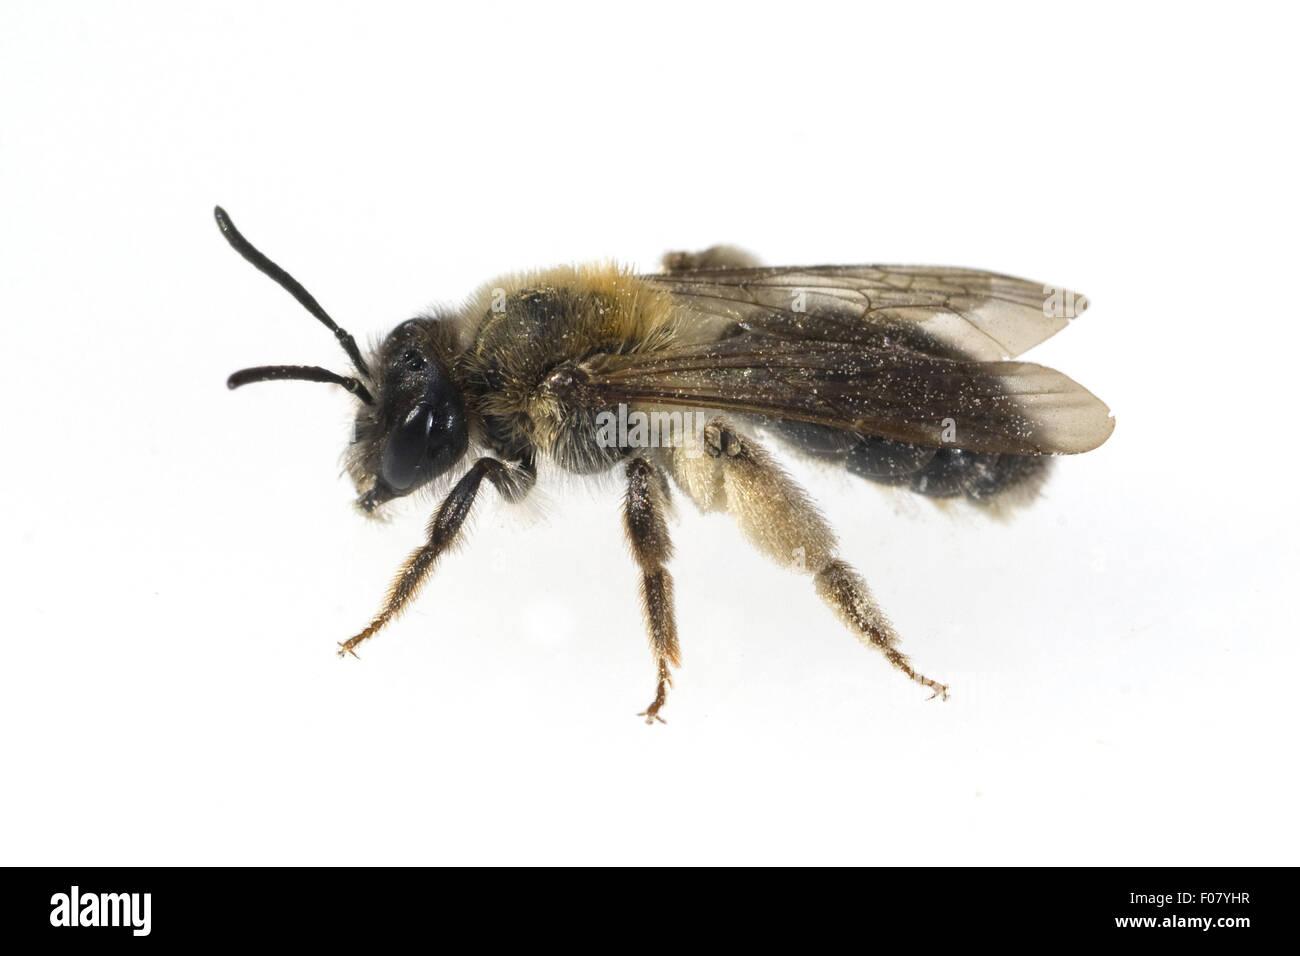 Wildbiene, - Stock Image